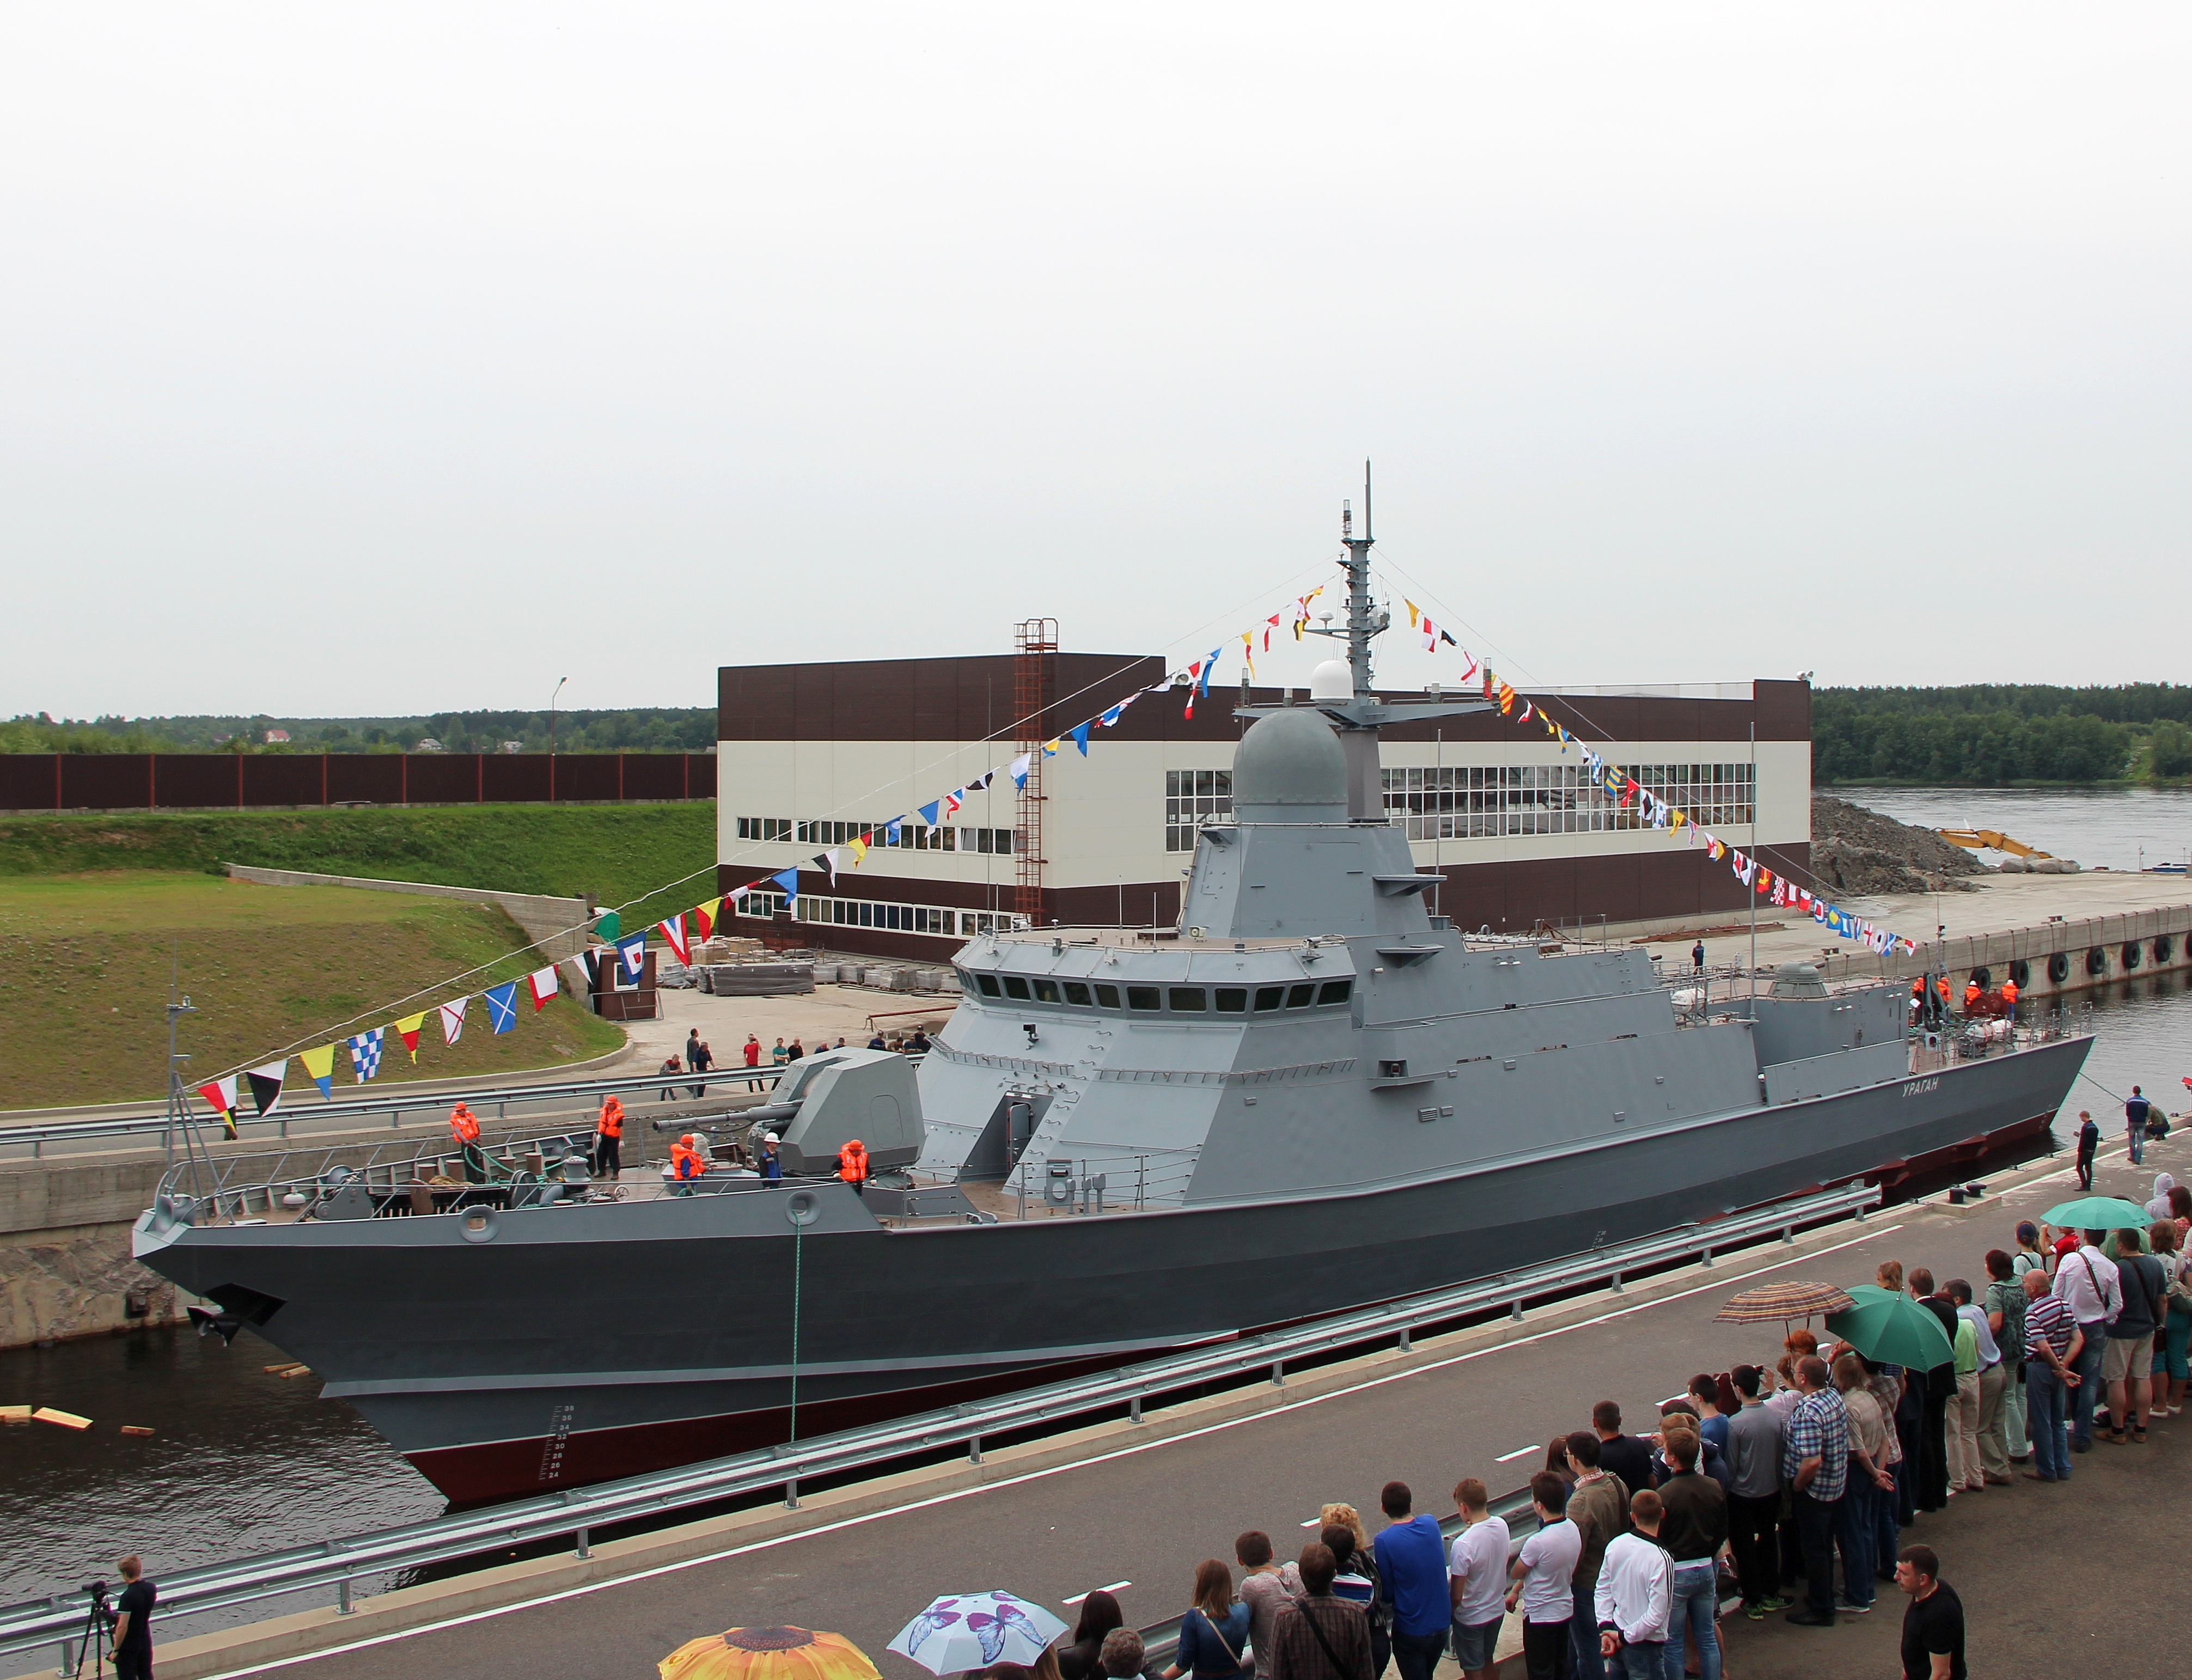 Uragan, prima corvetă din clasa Karakurt, a intrat deja în dotarea Flotei militare ruse